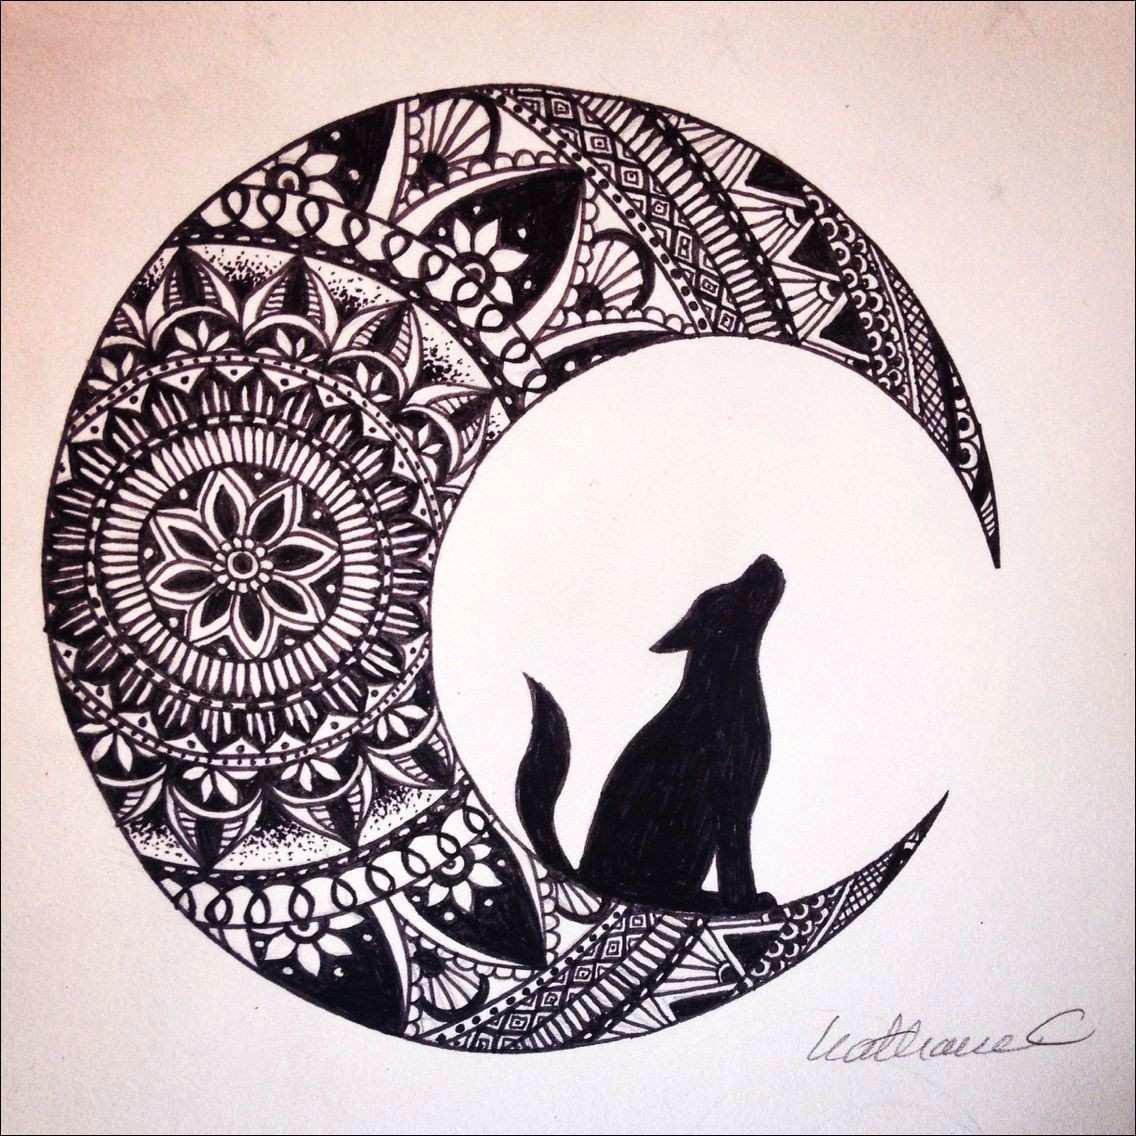 bilder zum nachmalen einfach abbild wolf in the moon black ink mandala drawing brusho